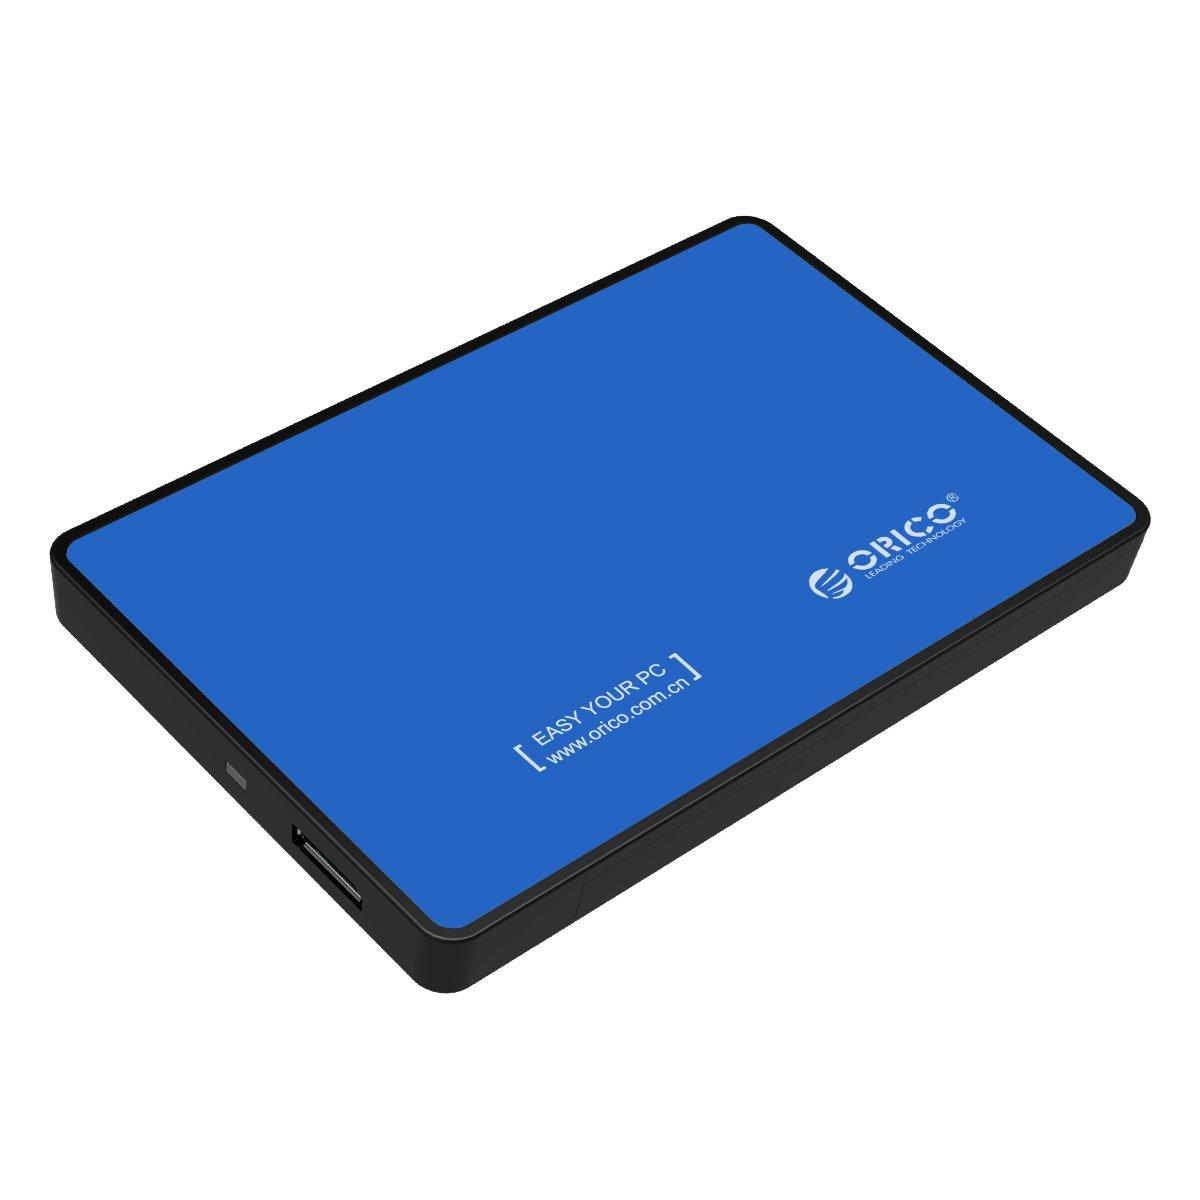 ORICO - 2,5 Pulgadas USB 3.0 Carcasa Disco Duro Interno a Externo - Libre de Herramientas para SATA HDD/SSD de 9.5mm y 7mm - LED Indicador - BLU